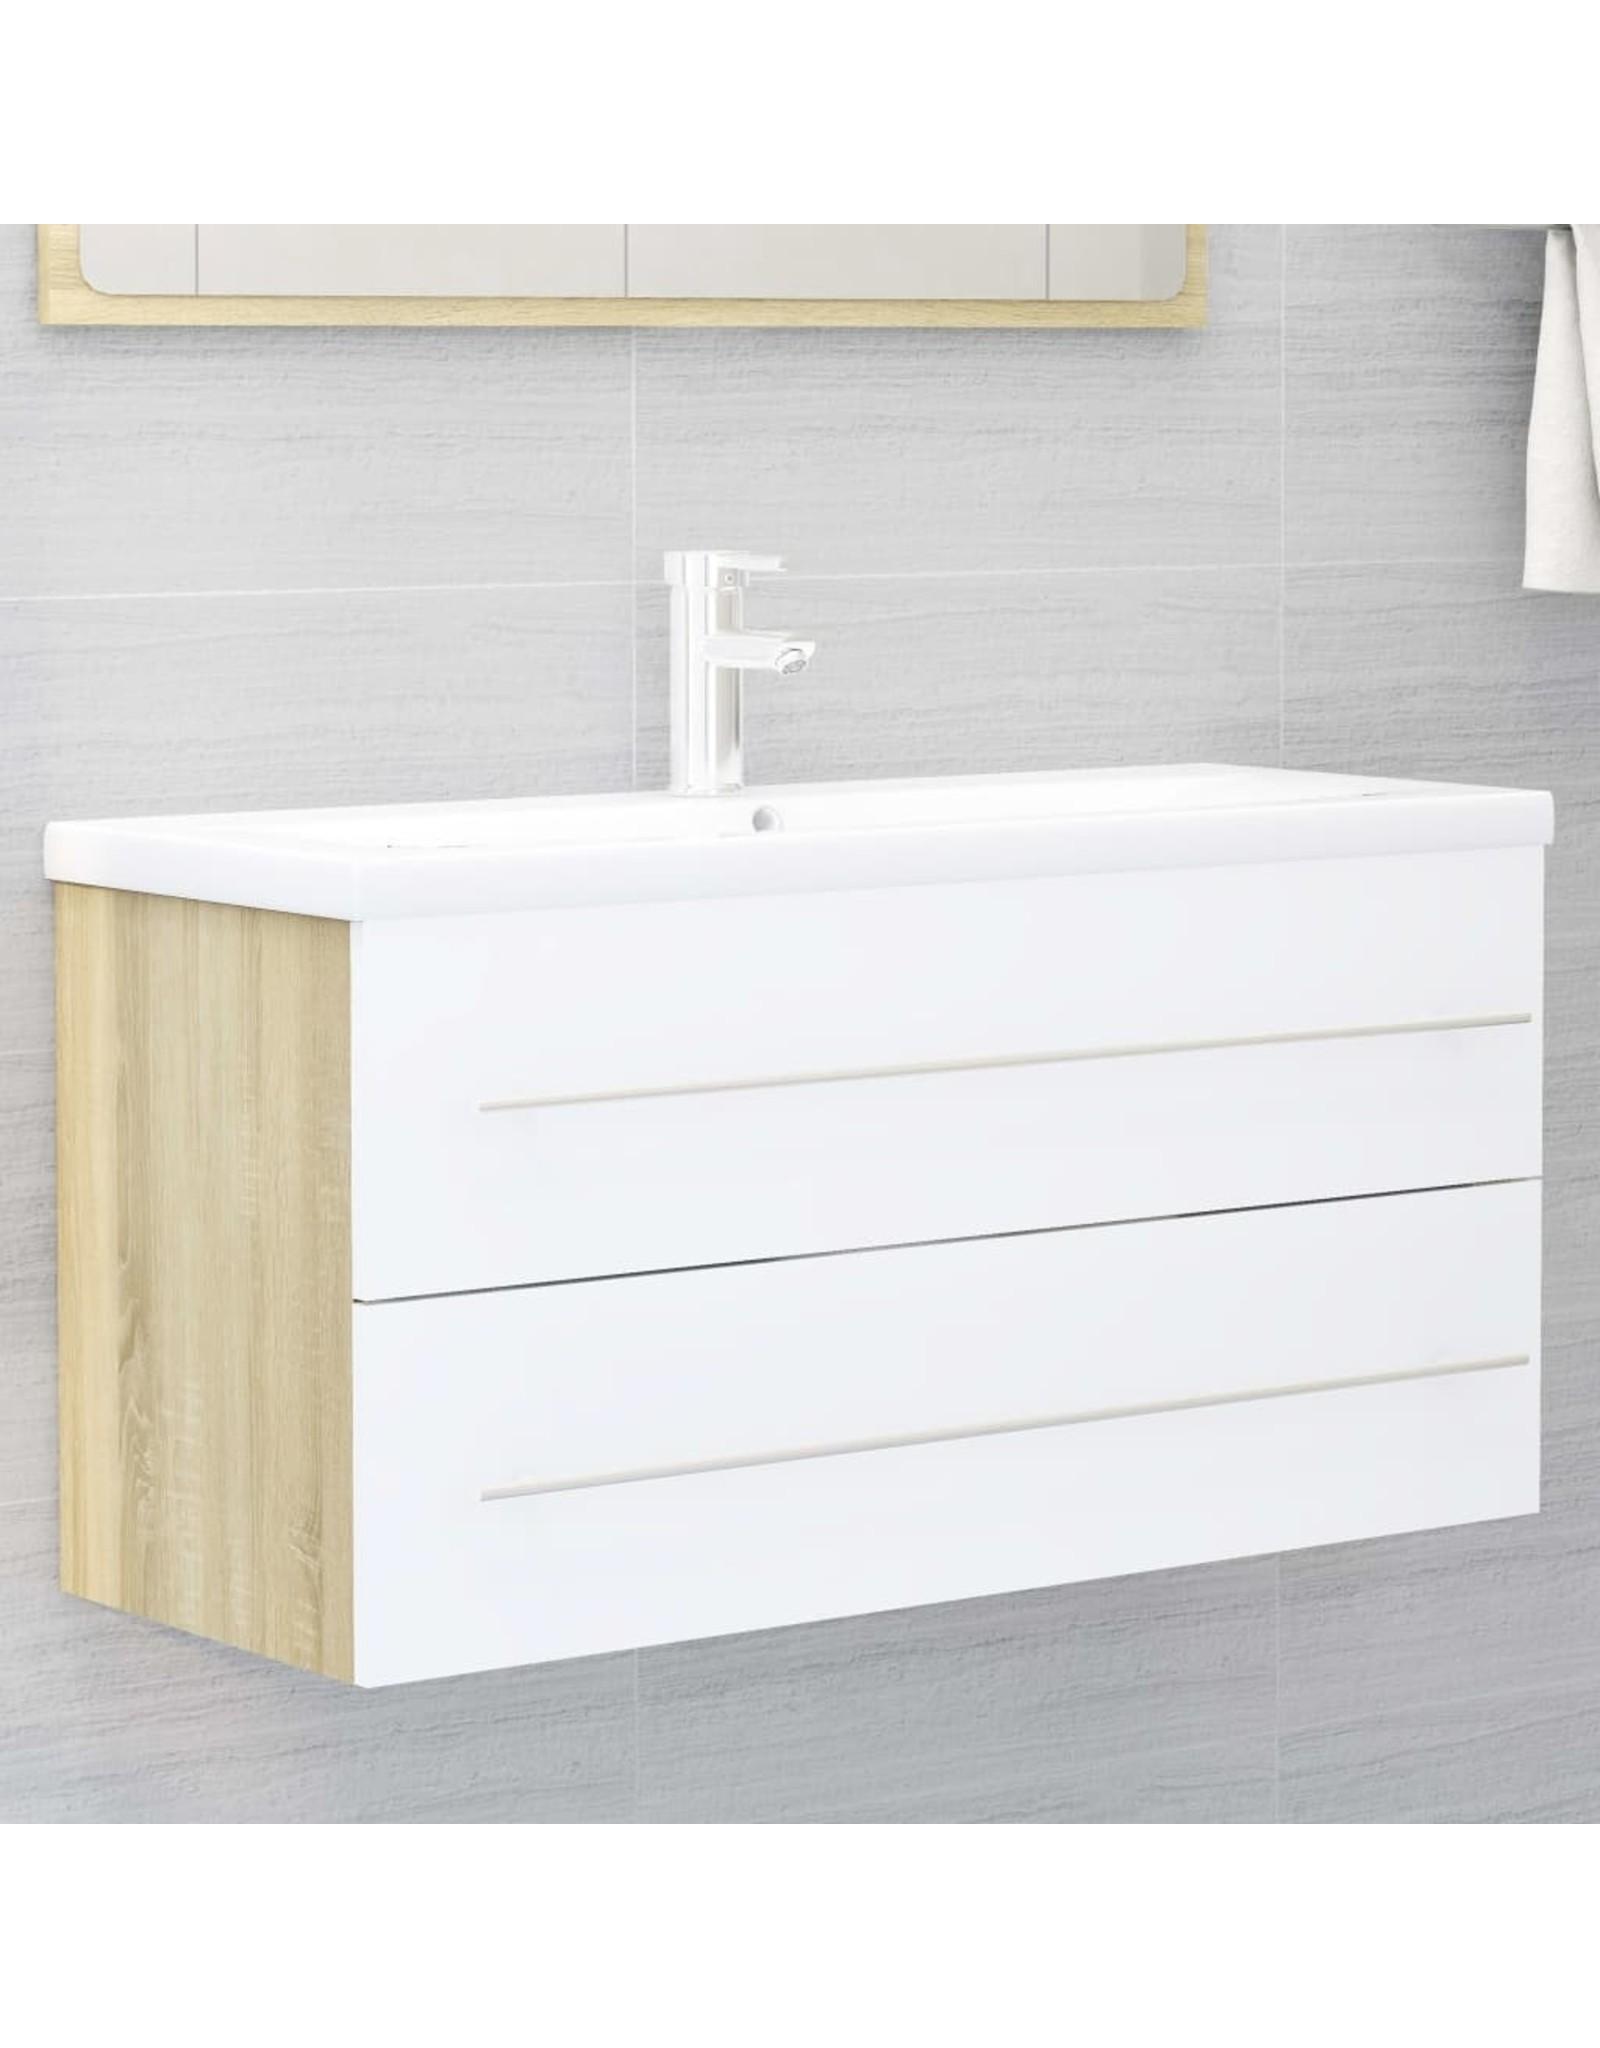 2-delige Badkamermeubelset spaanplaat wit en sonoma eikenkleur